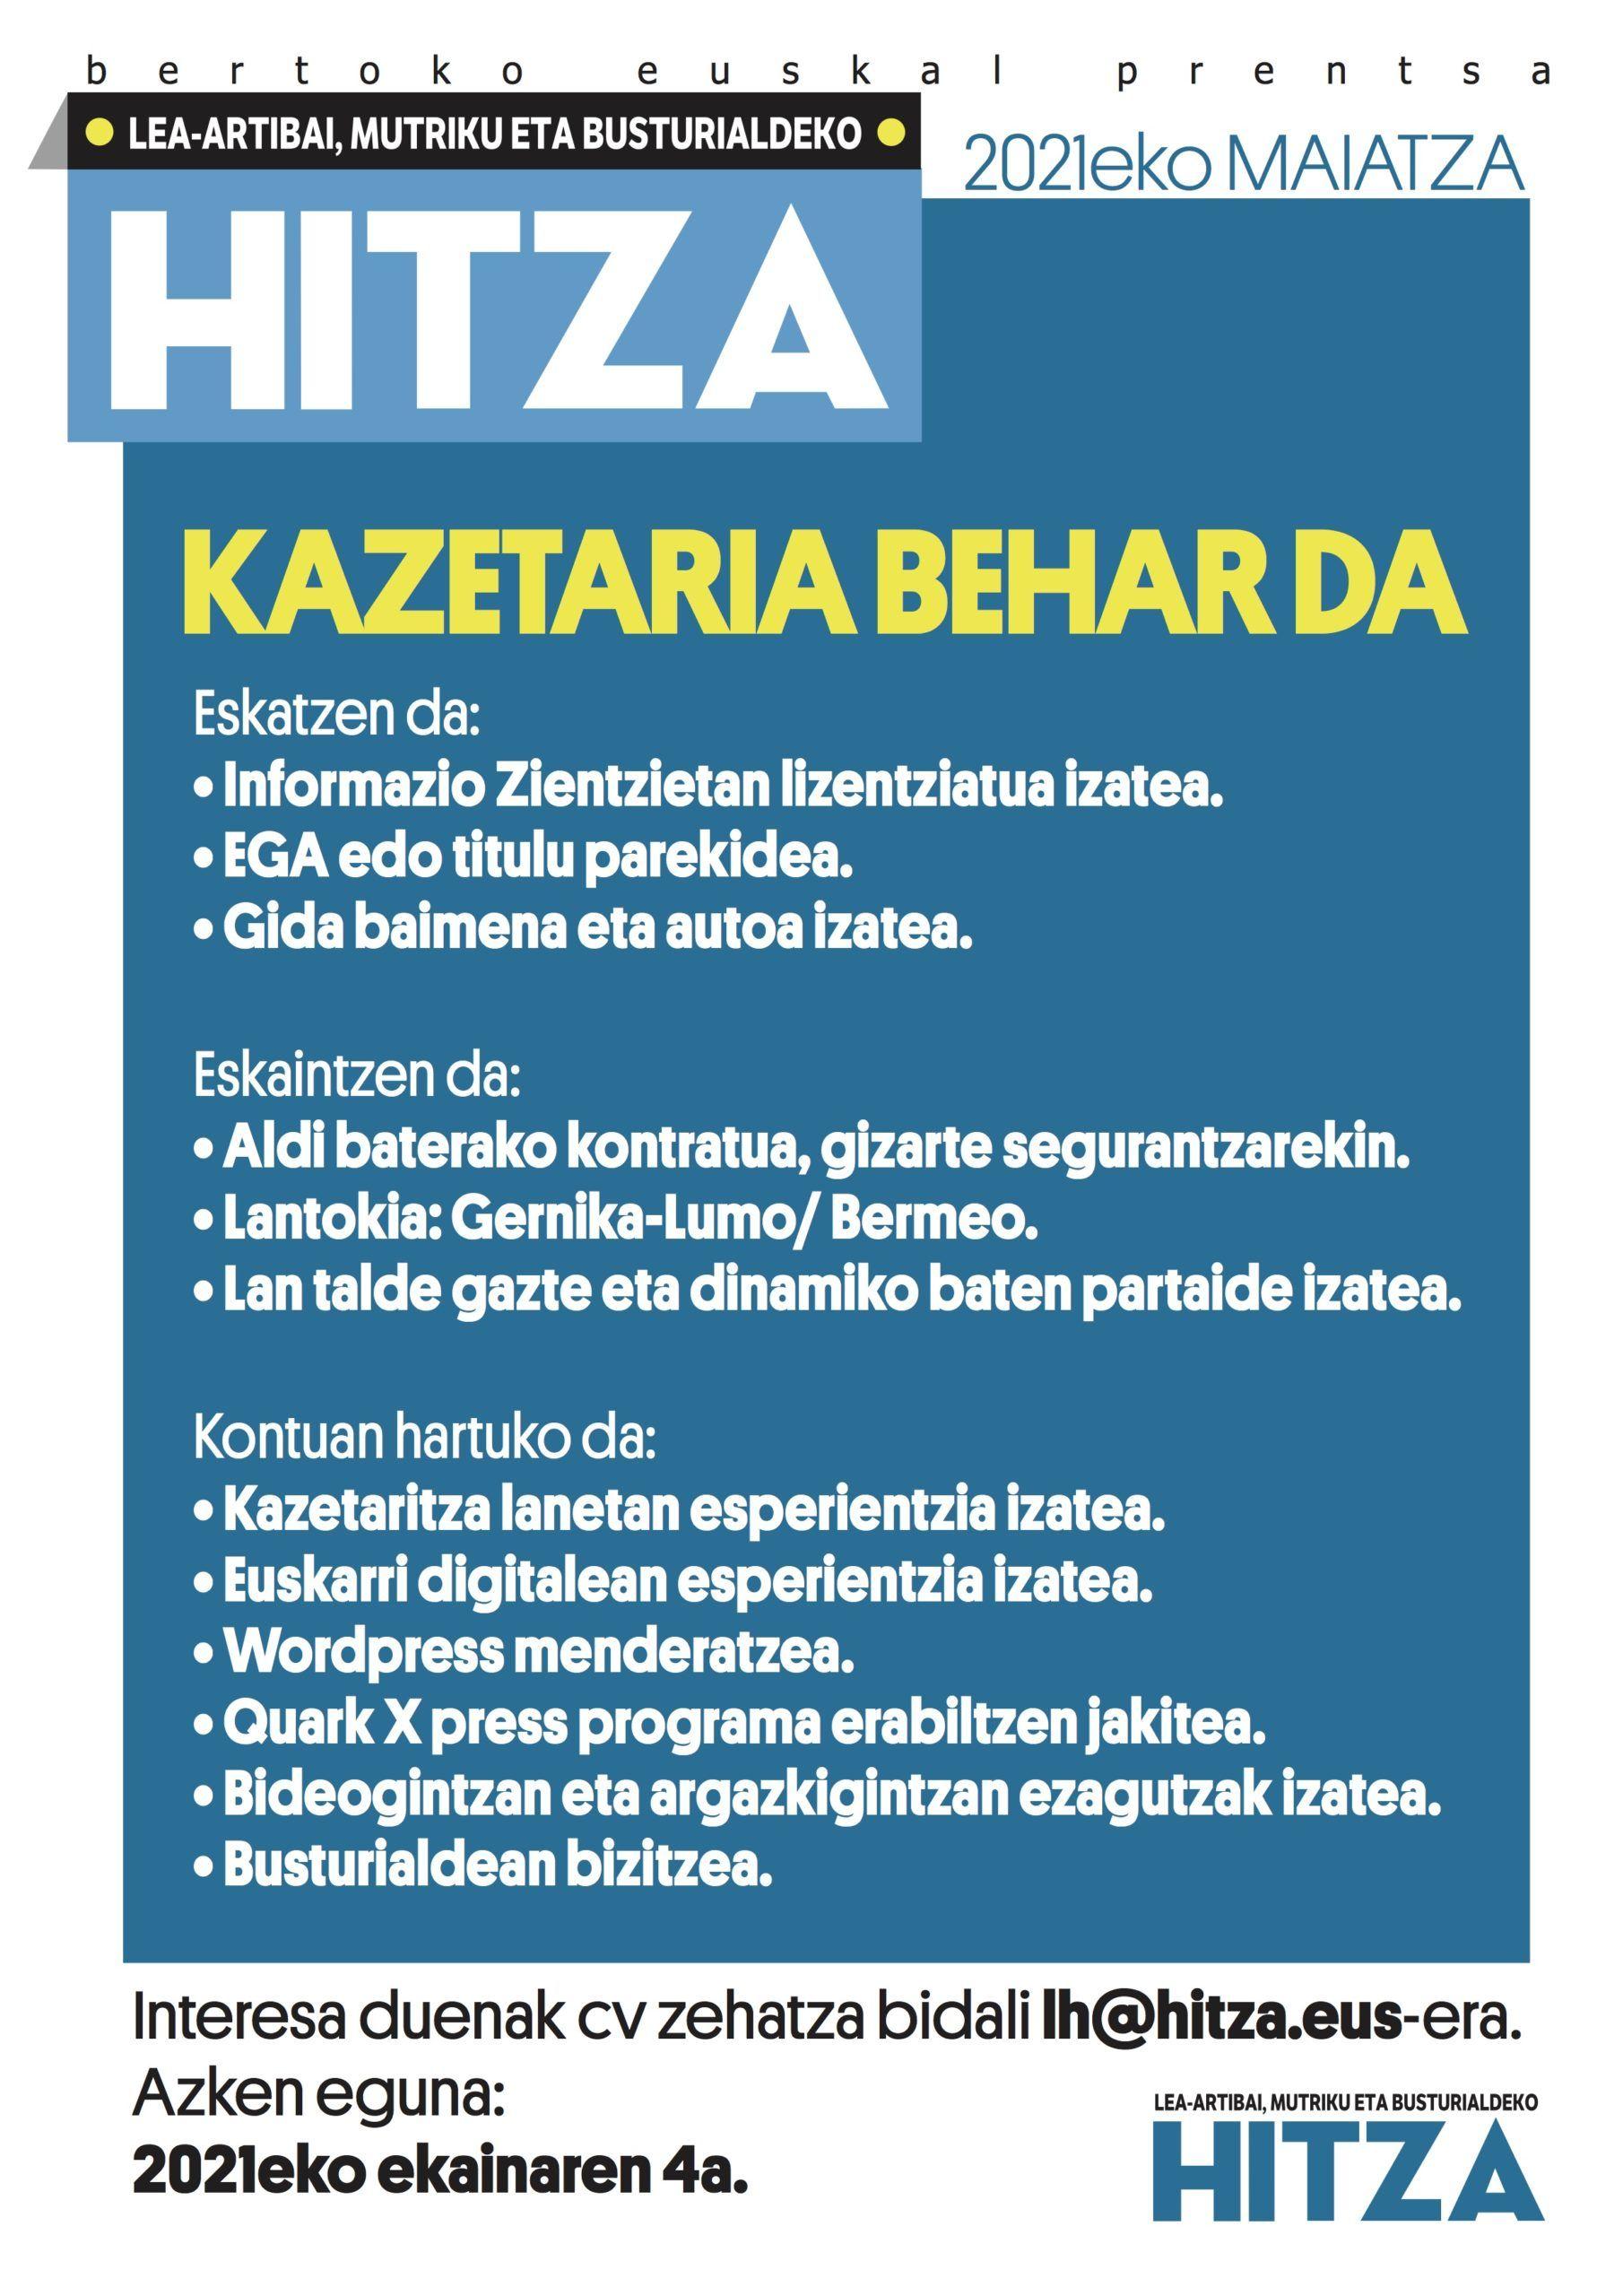 Kazetaria behar da Lea-Artibai, Mutriku eta Busturialdeko Hitzan irudia - iragarkilaburrak.eus